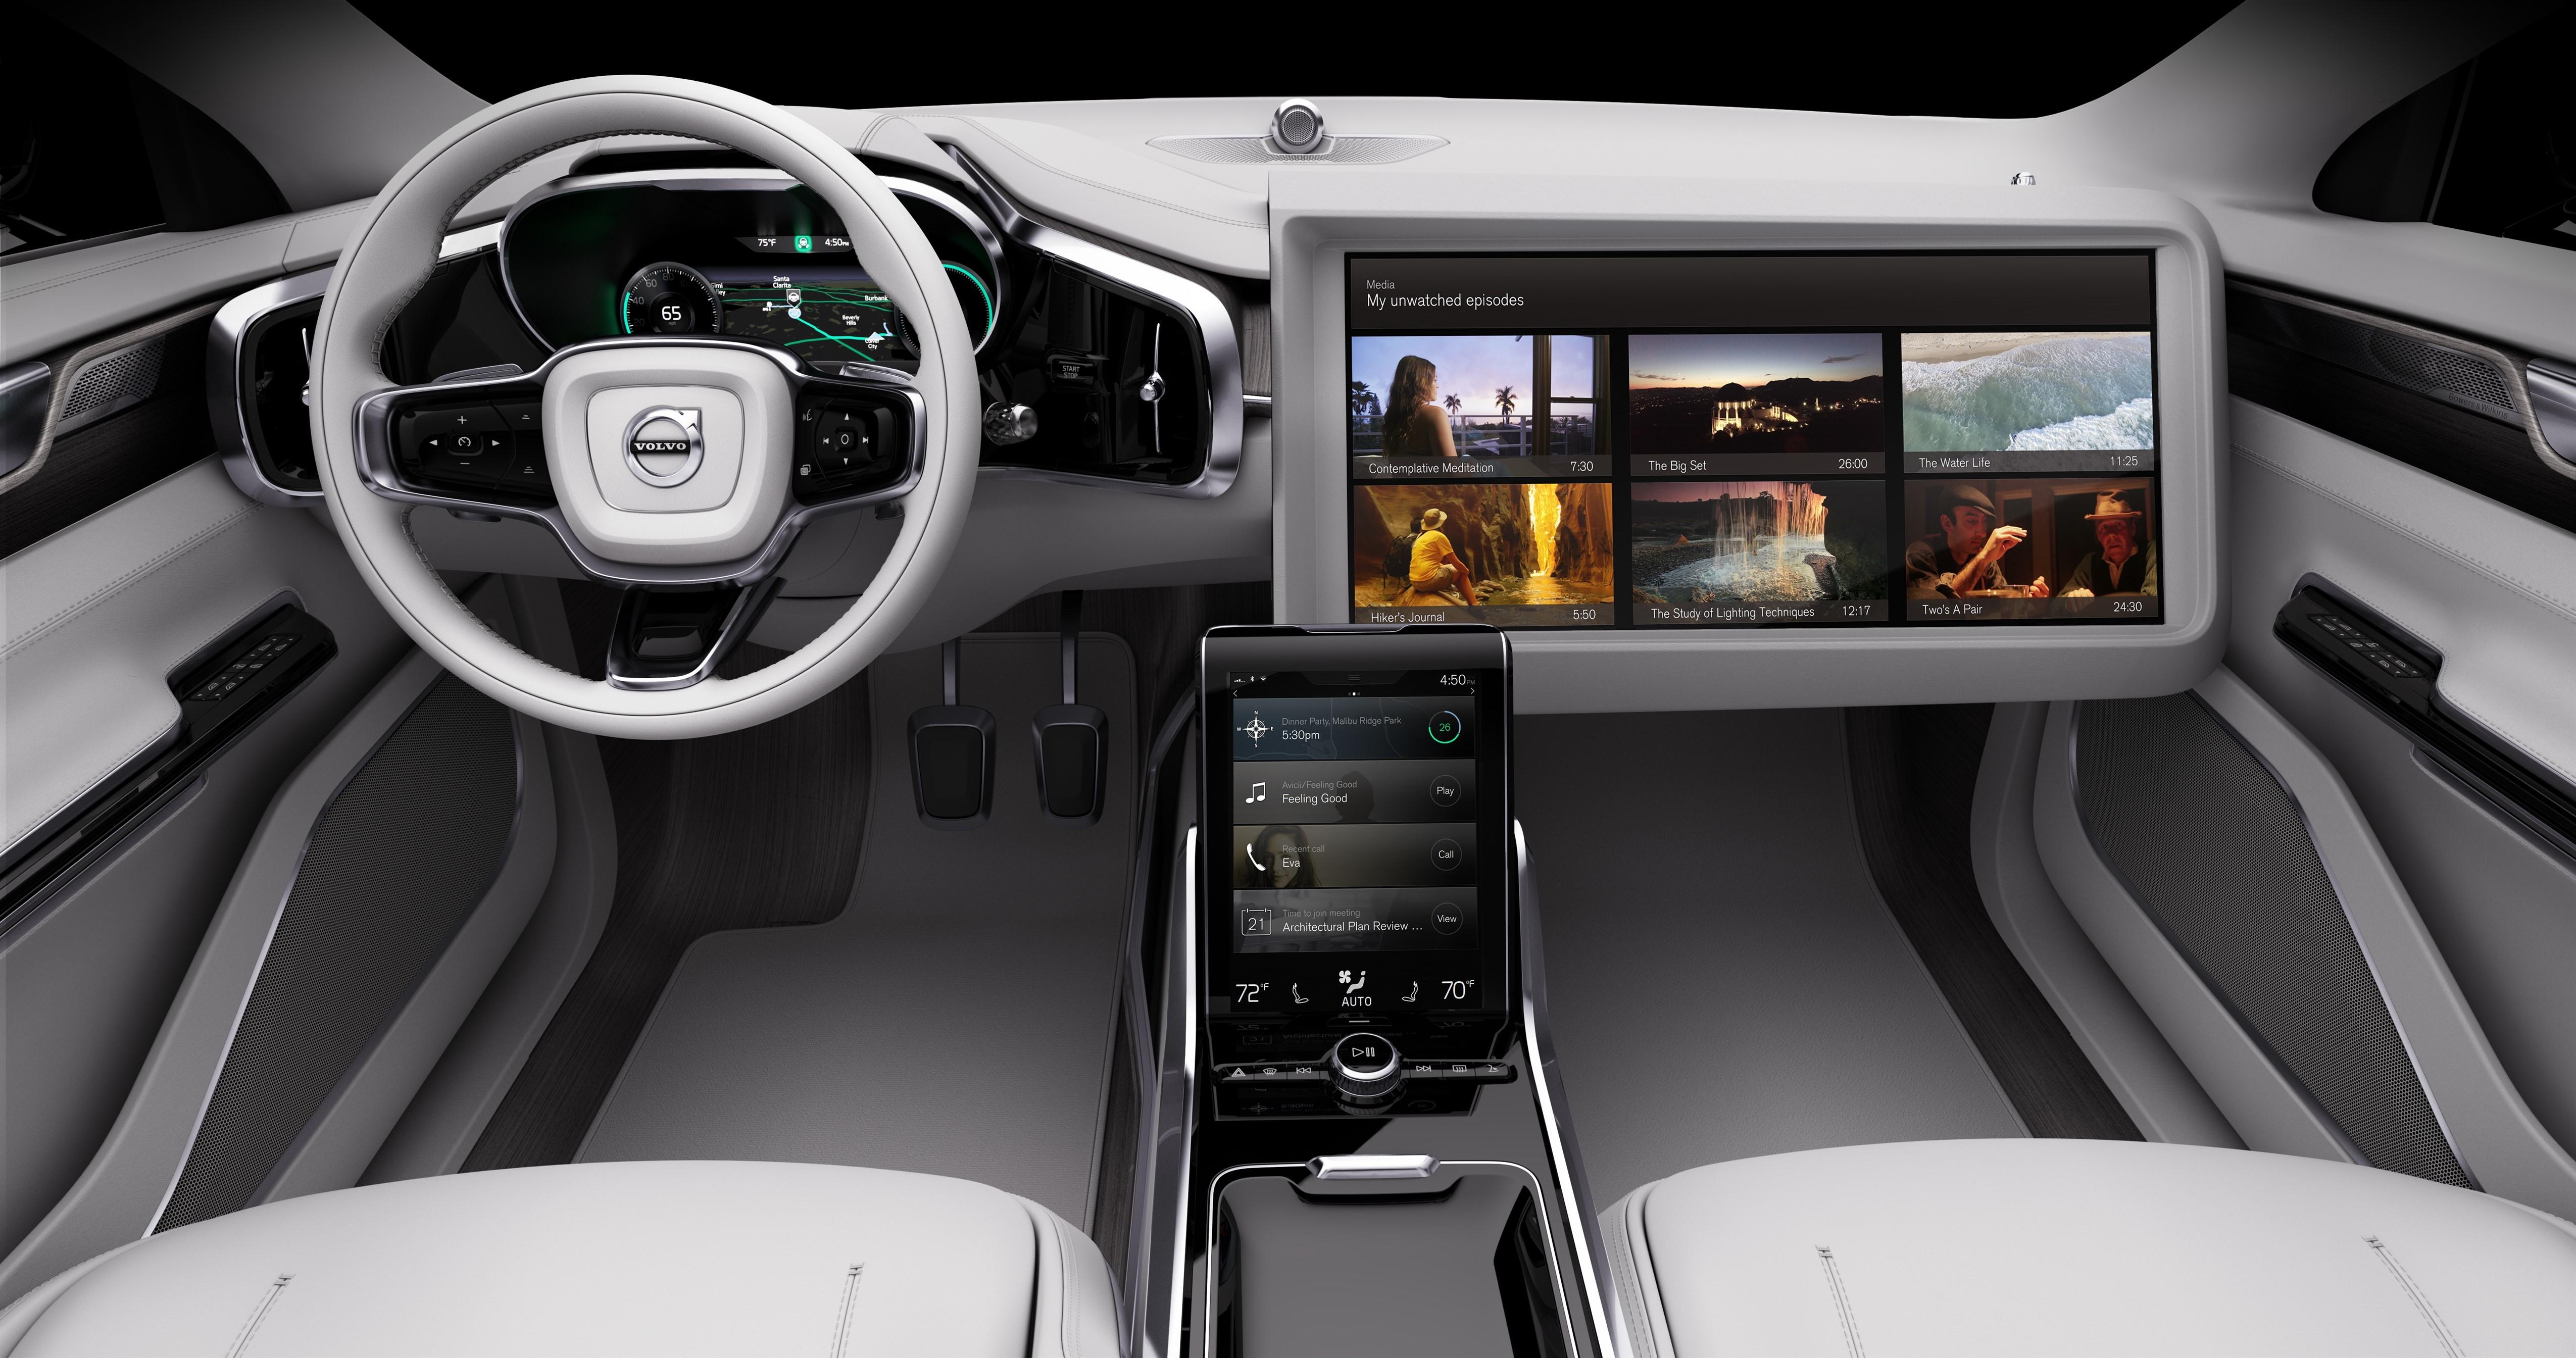 Компанія Volvo зробила крок до створення ідеального безпілотного автомобіля - офіційний представник Winner в Україні